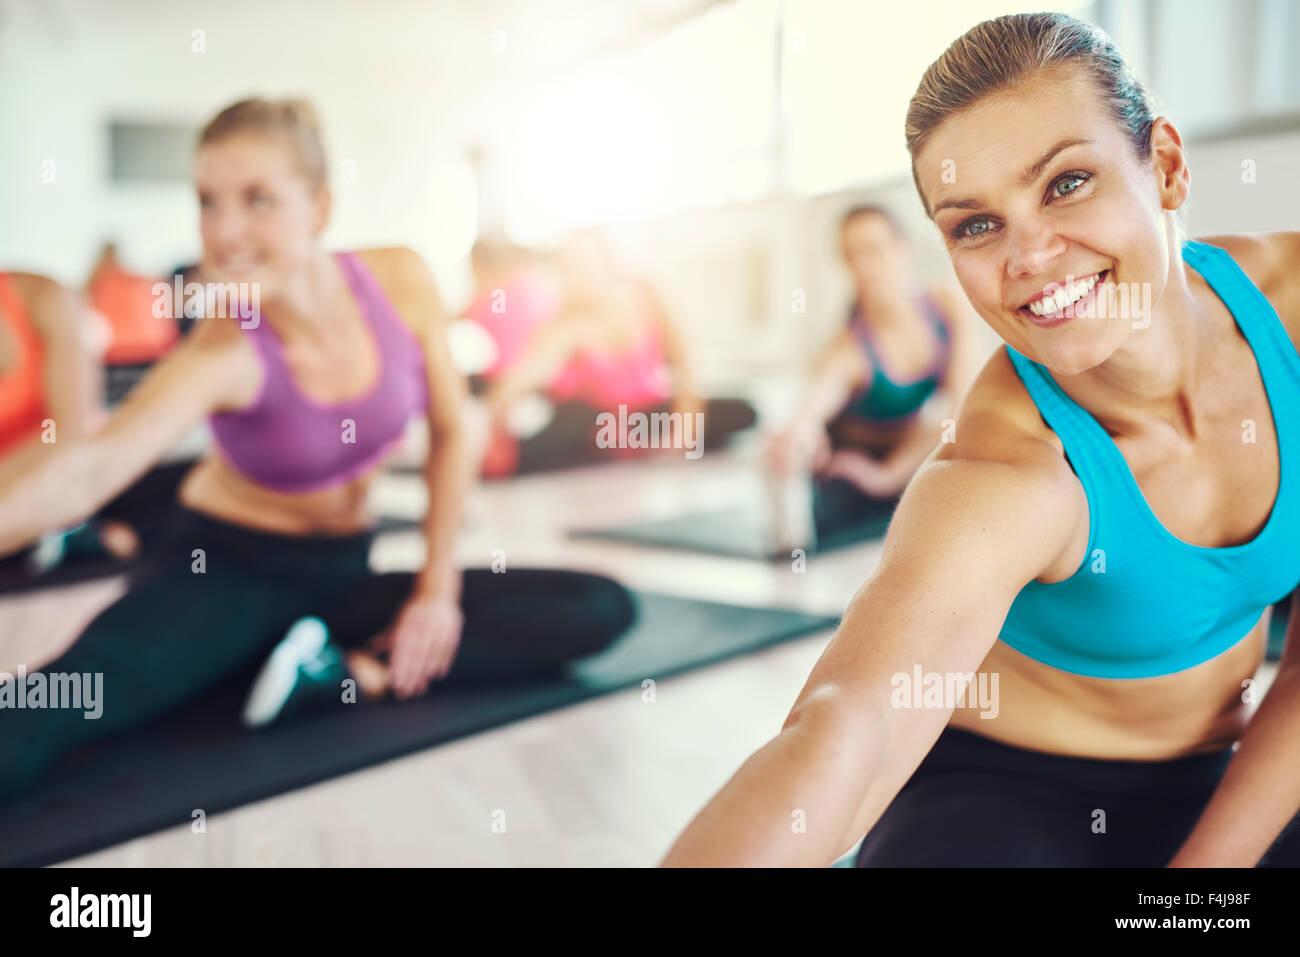 En forme et en bonne santé femme dans un cours de conditionnement physique, les vêtements de couleur, Photo Stock